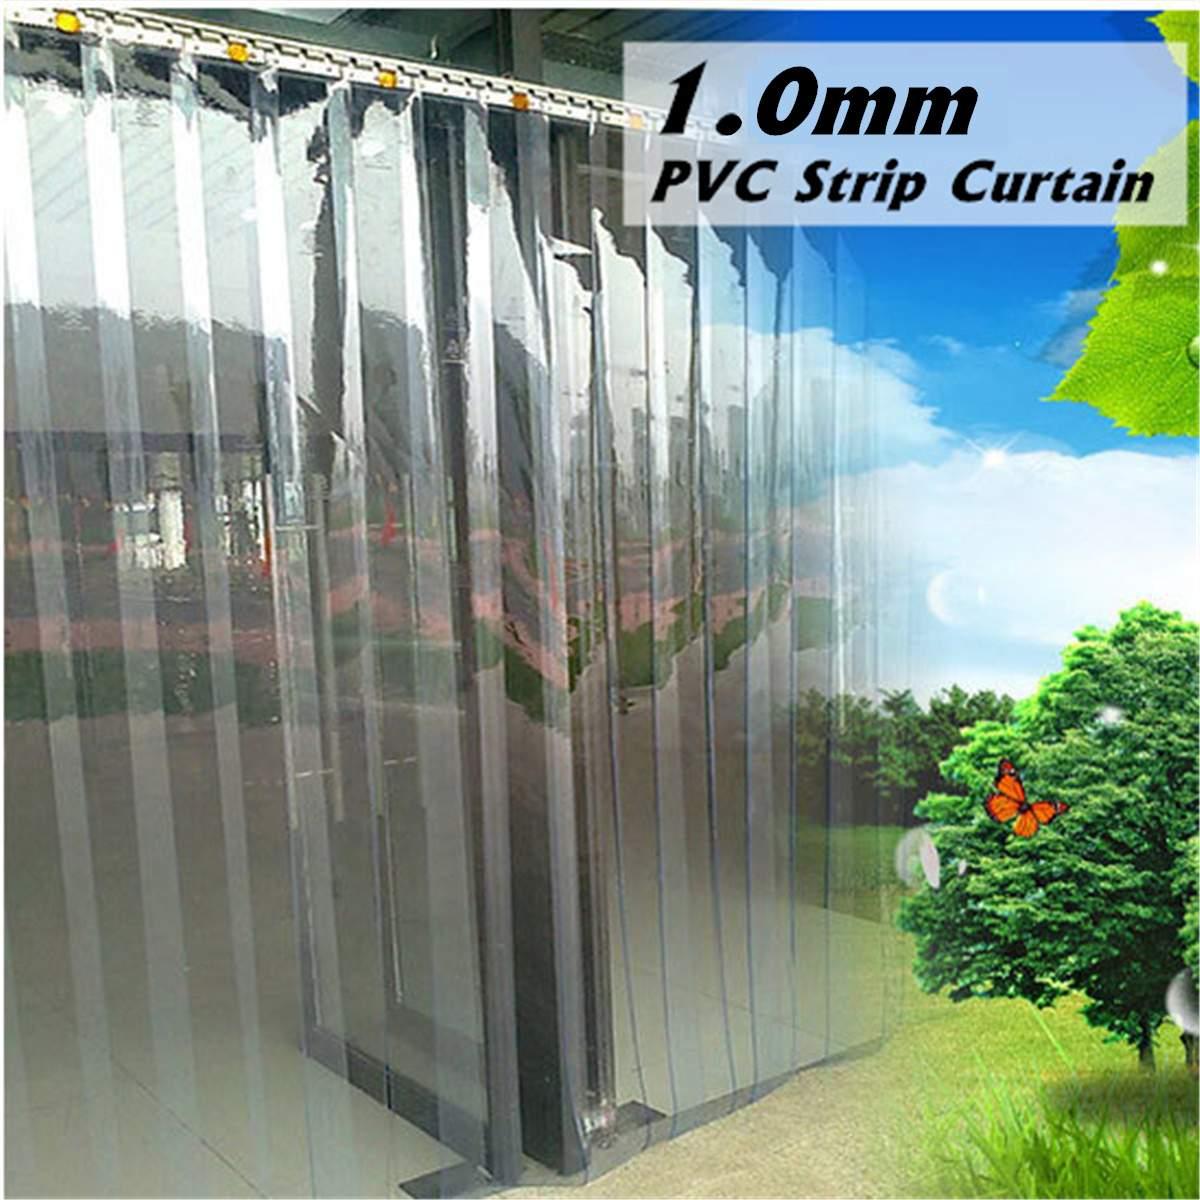 Kit de tira de plástico para congelar, cortina transparente de plástico para pendurar em cortinas, resistente ao vento, calor frio, 200*18*0.1cm